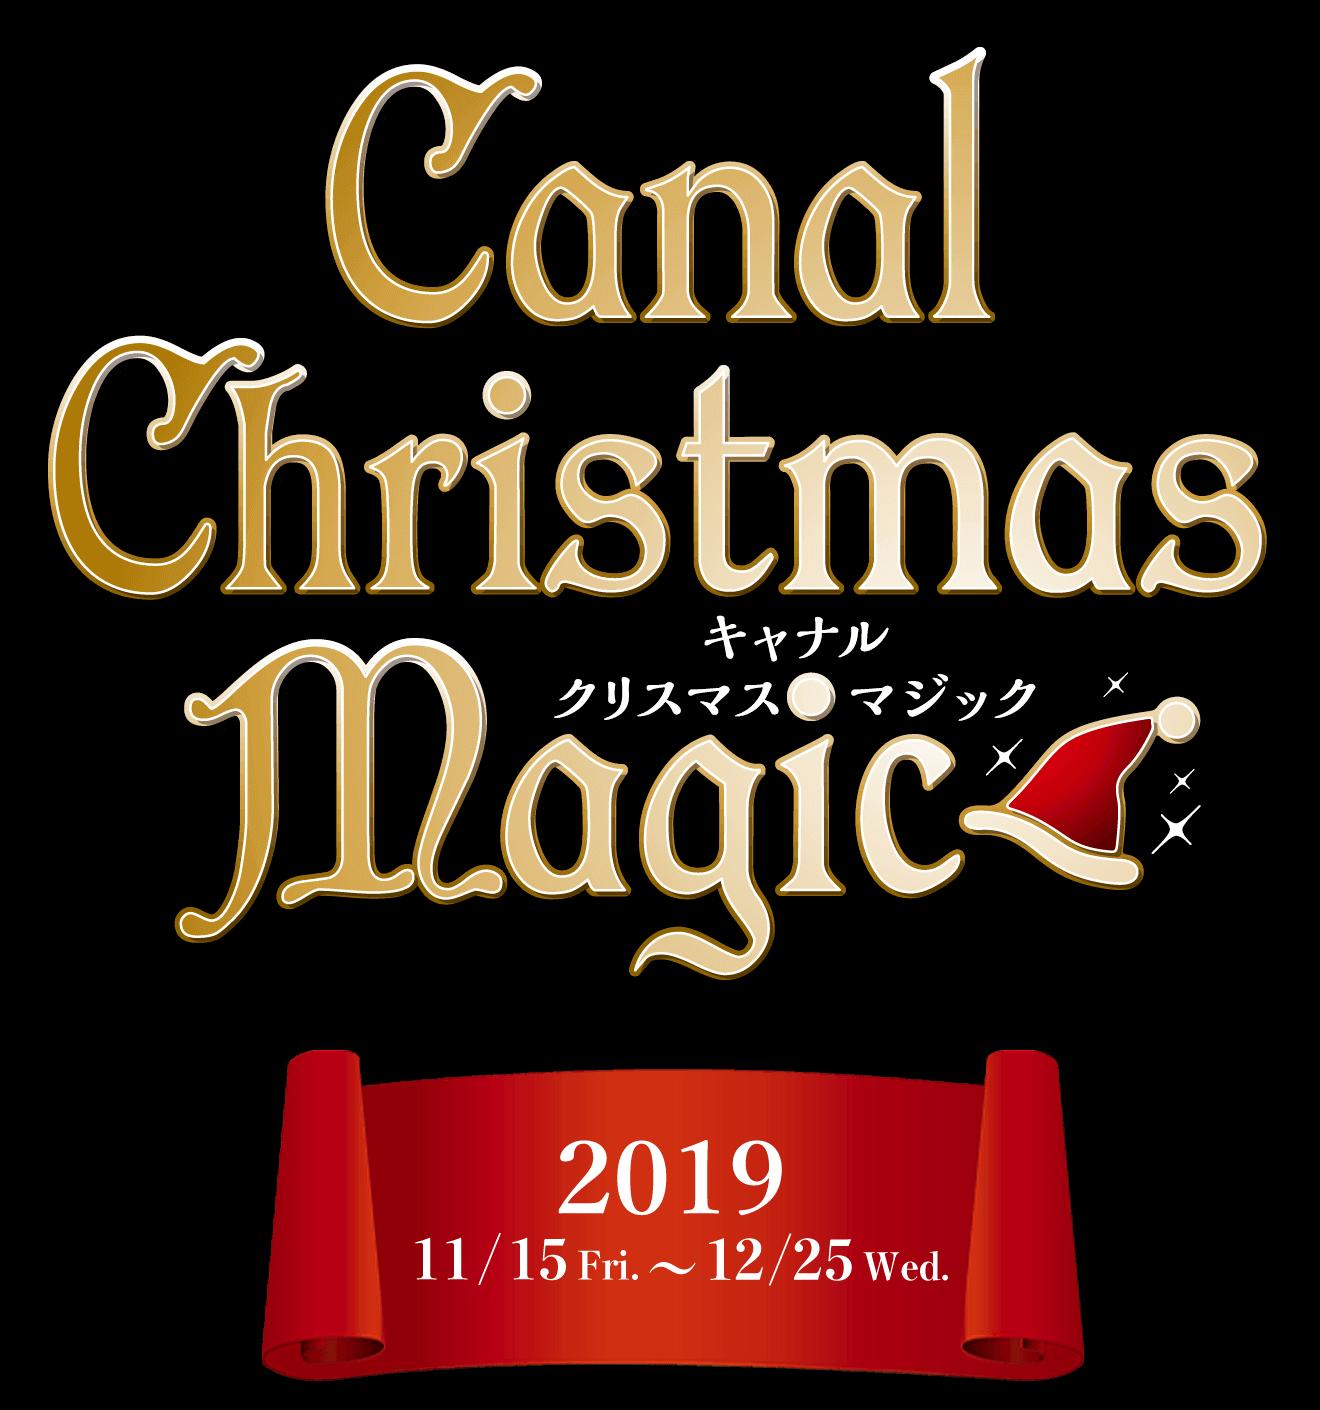 キャナルクリスマスマジック2019 11/15(金)〜12/25(水)17:00〜21:00